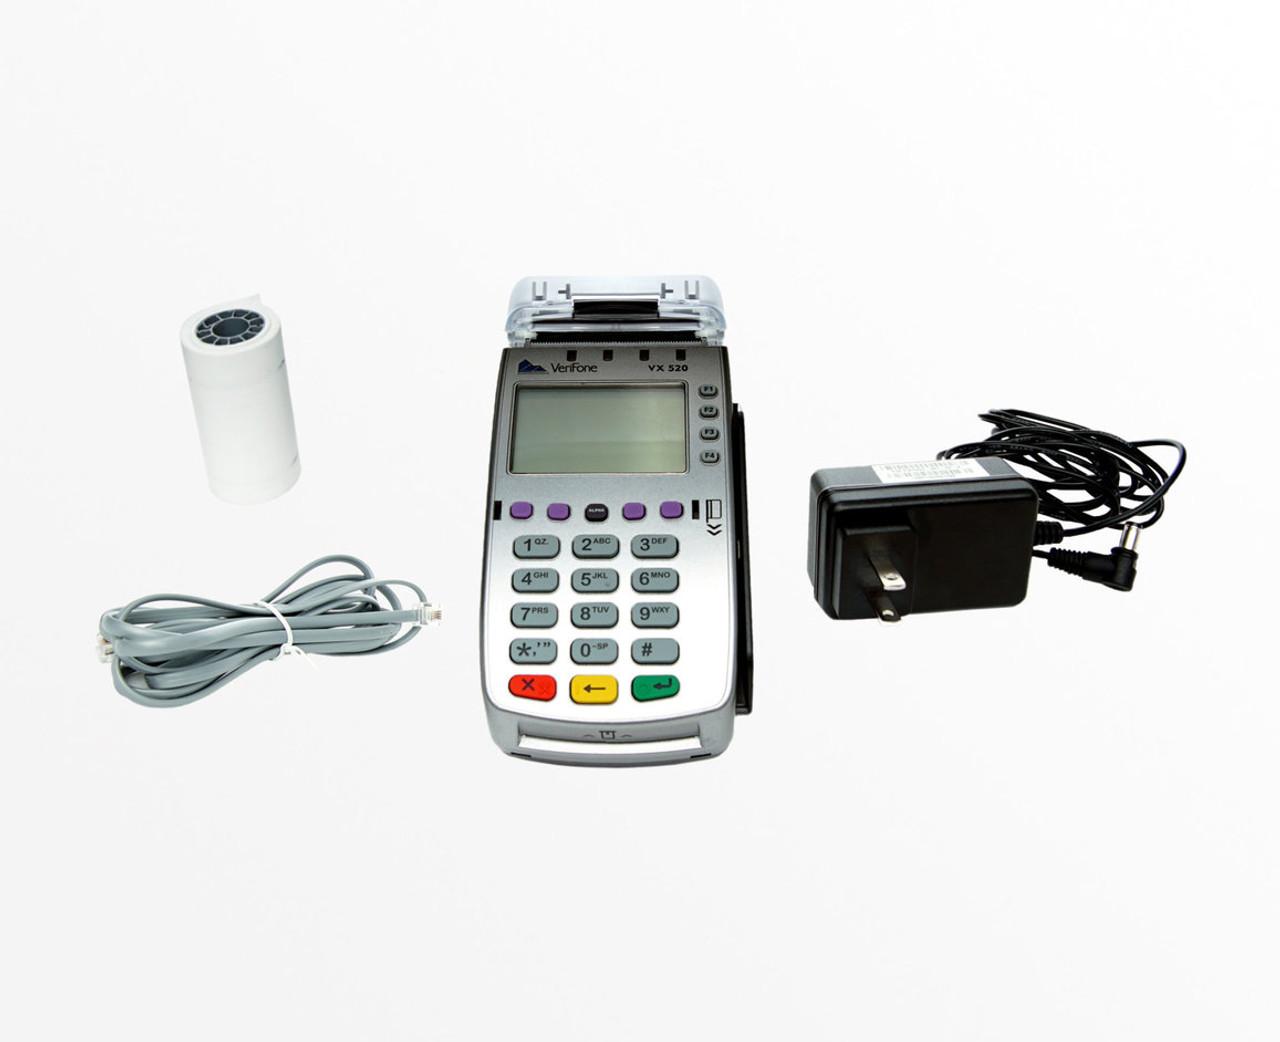 Verifone VX 520 Credit Card Terminal